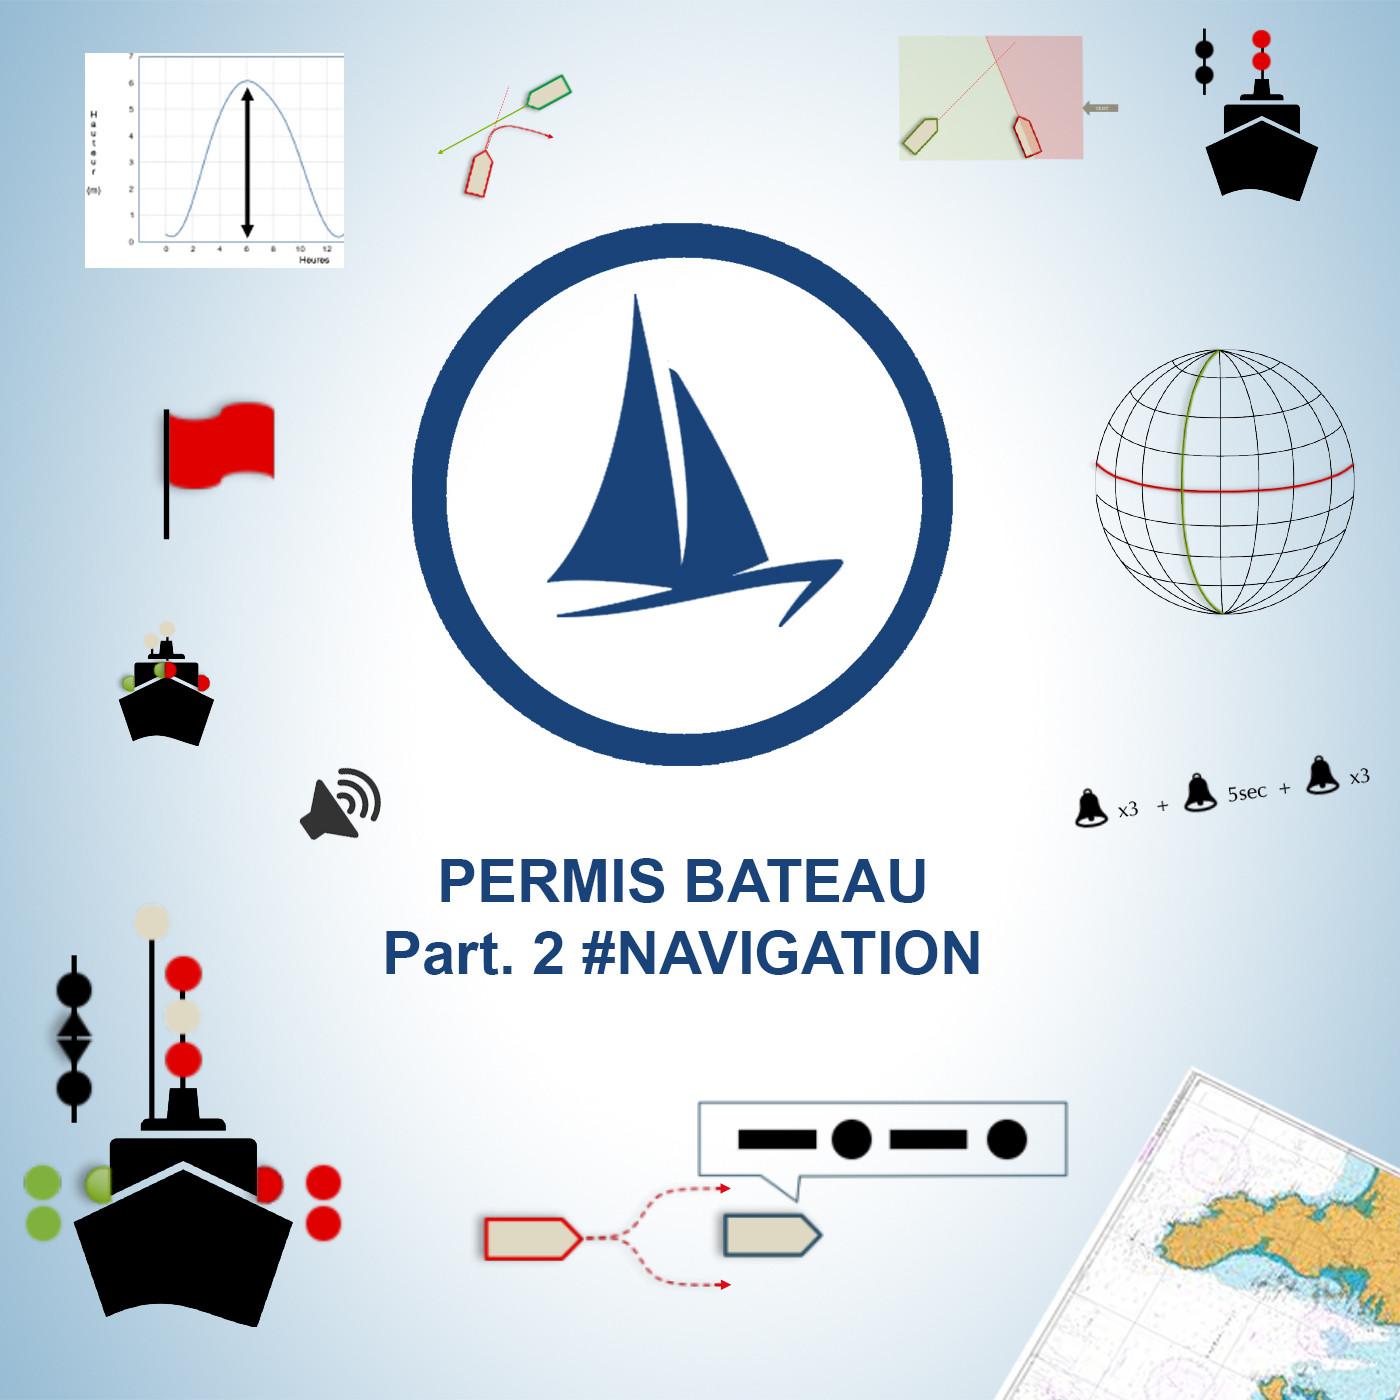 Permis bateau 2020 (Côtier) 2ème partie - #Navigation